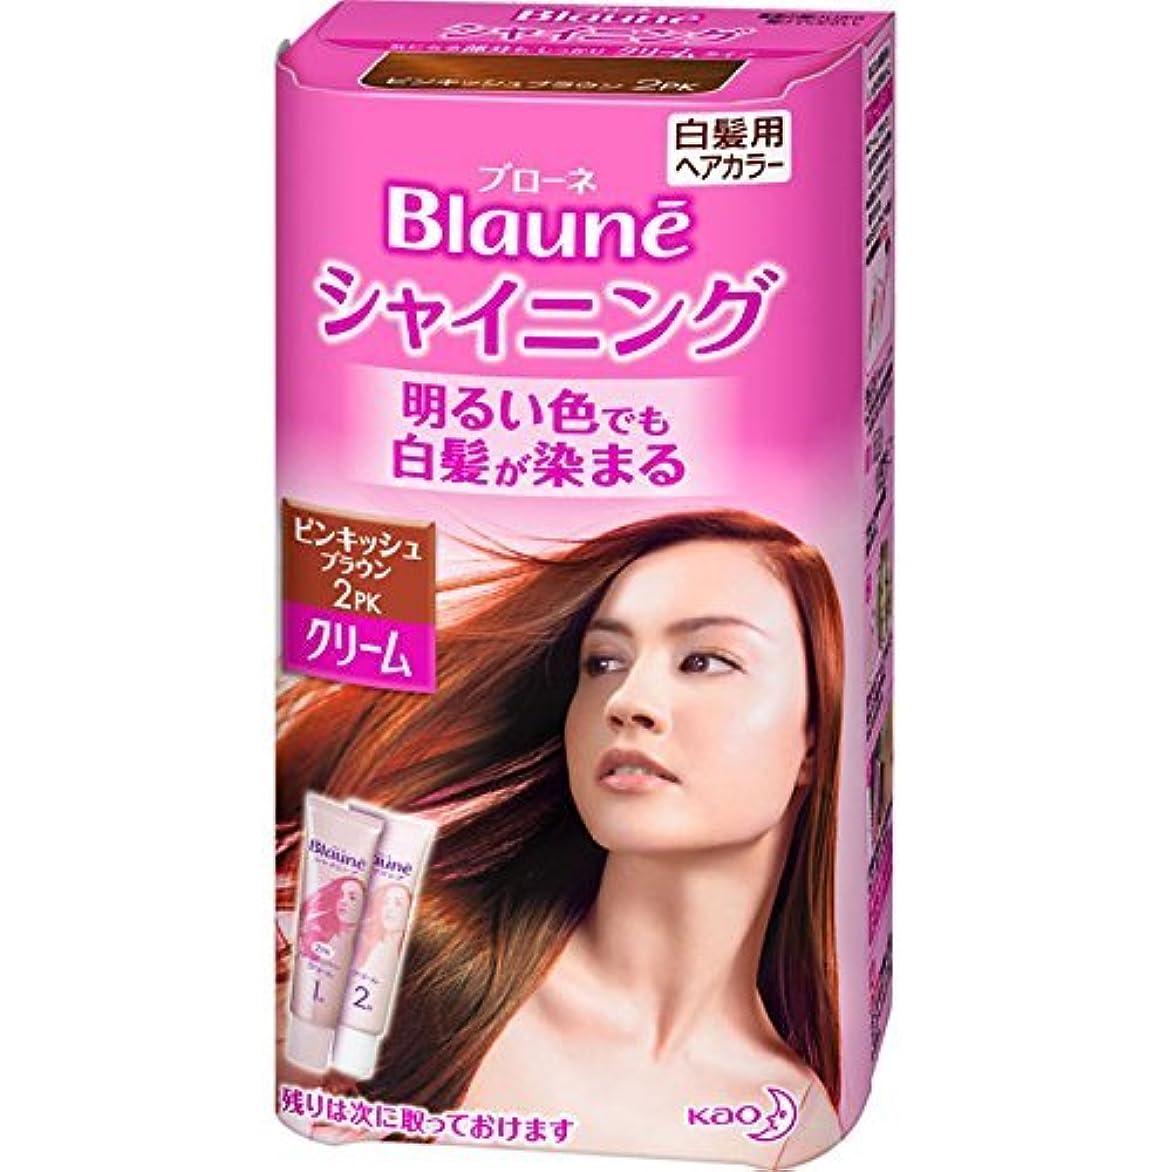 黄ばむ回路受け皿花王 ブローネ シャイニングヘアカラー クリーム 2PK 1剤50g/2剤50g(医薬部外品)《各50g》